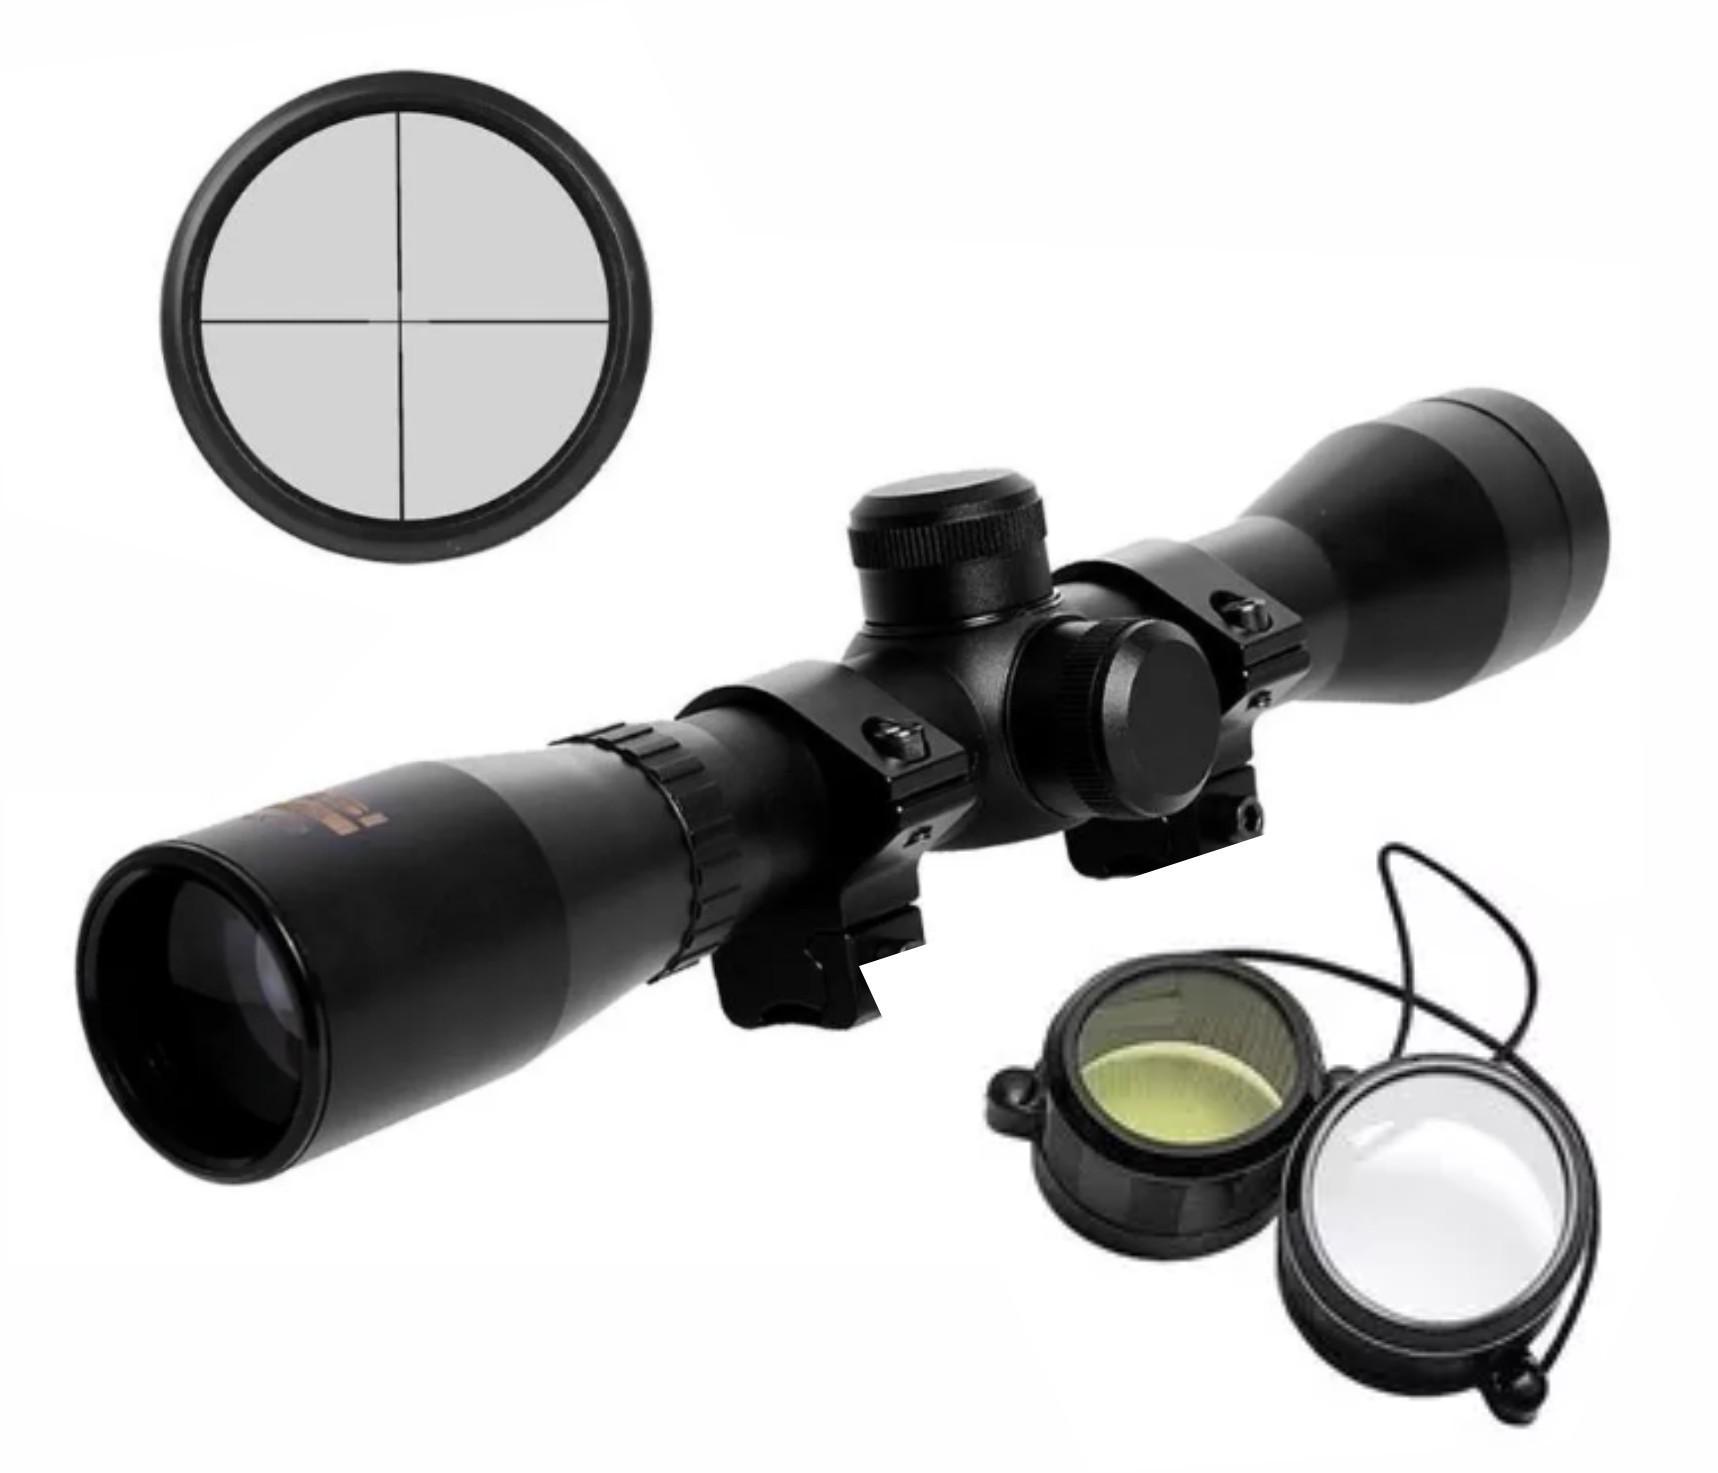 Carabina Pressão Airtact PD Nova Geração 5.5 GR 60 kg capa e luneta